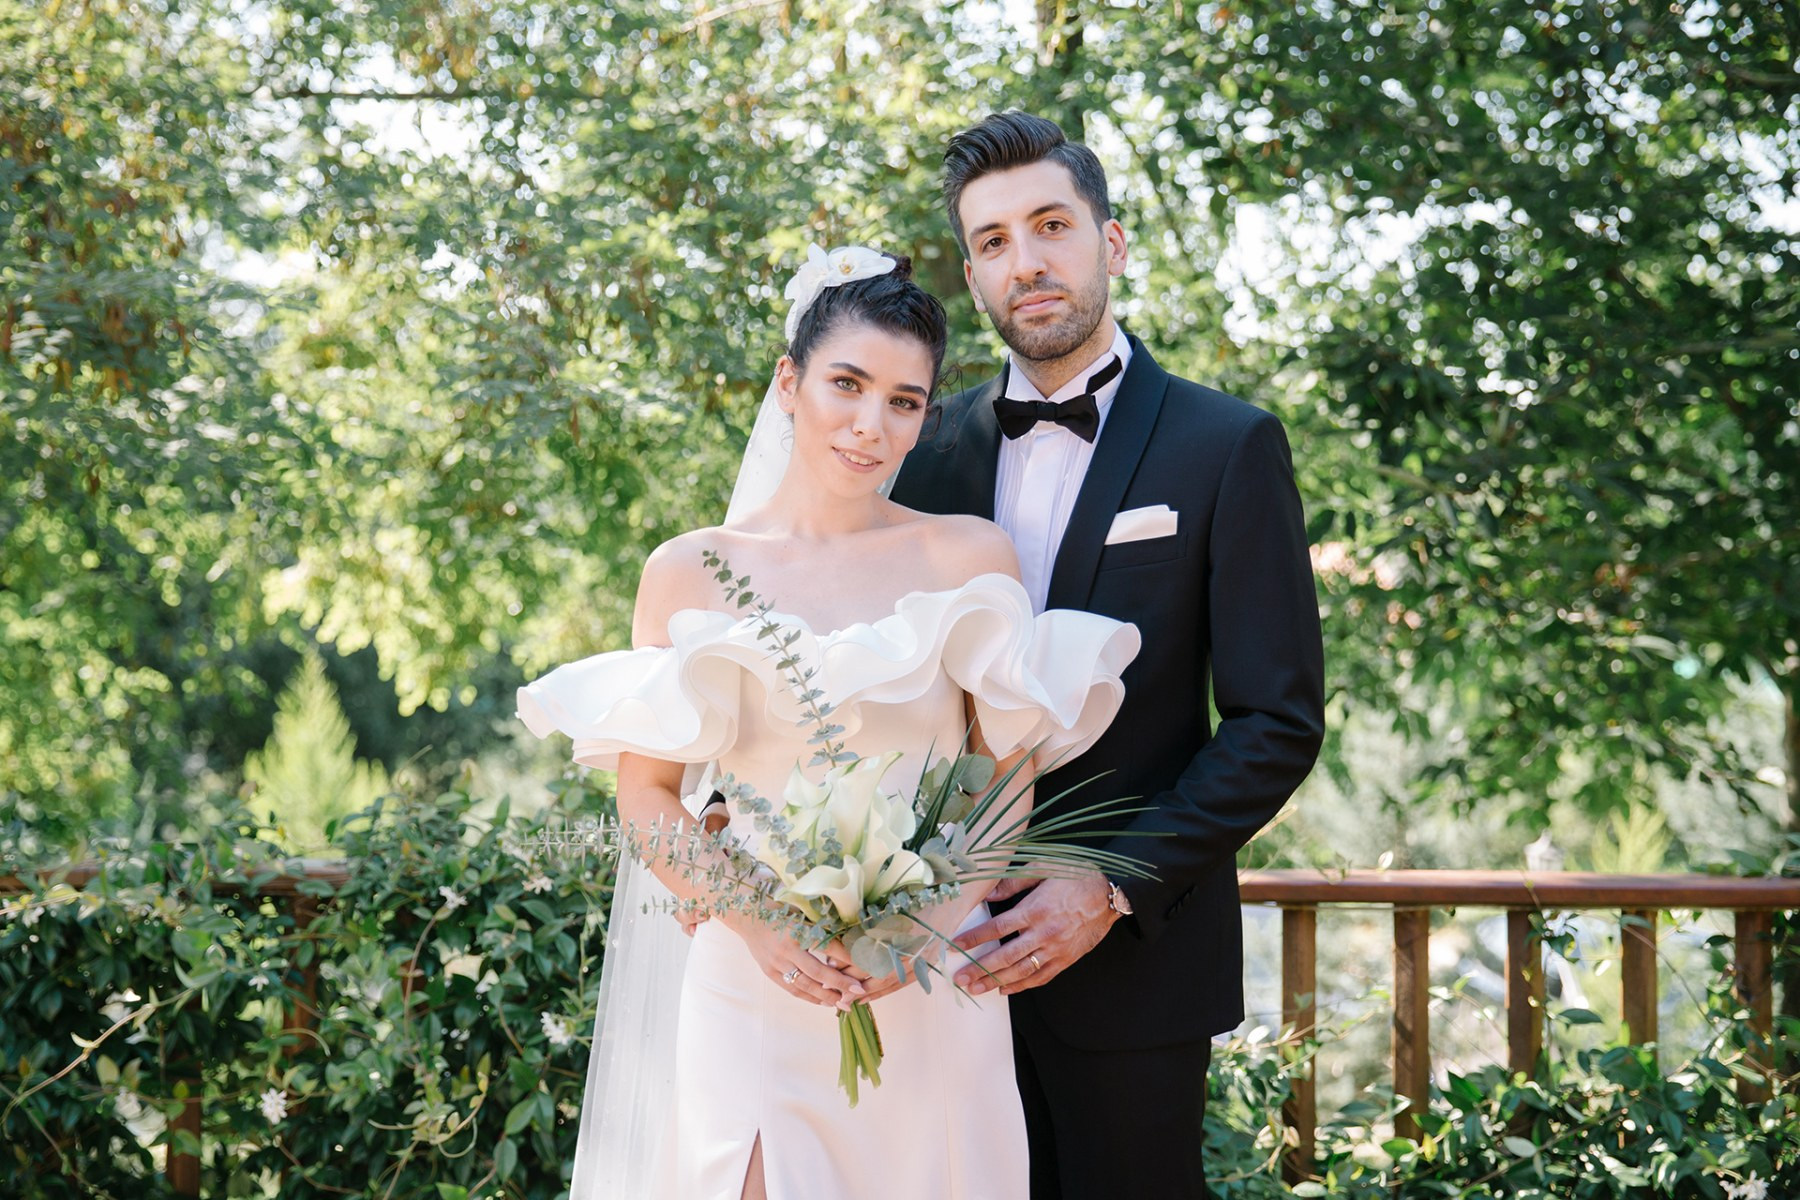 Etiket: düğün fotoğrafı